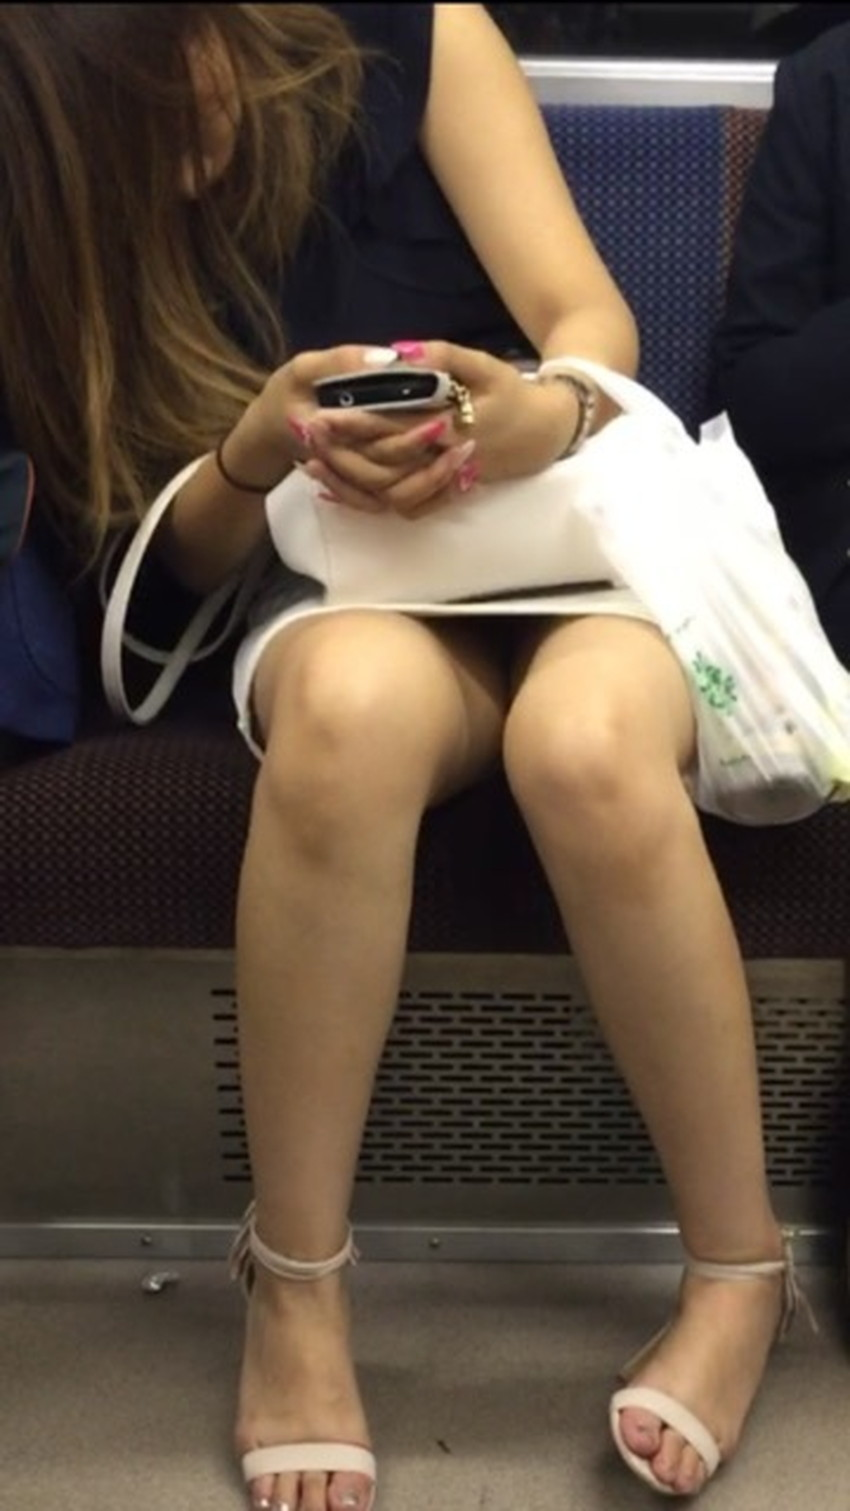 【居眠りパンチラエロ画像】居眠りOLが電車内でお股ユルユル!ww居眠り美女の無防備なパンチラを盗撮した居眠りパンチラのエロ画像集!ww【80枚】 58